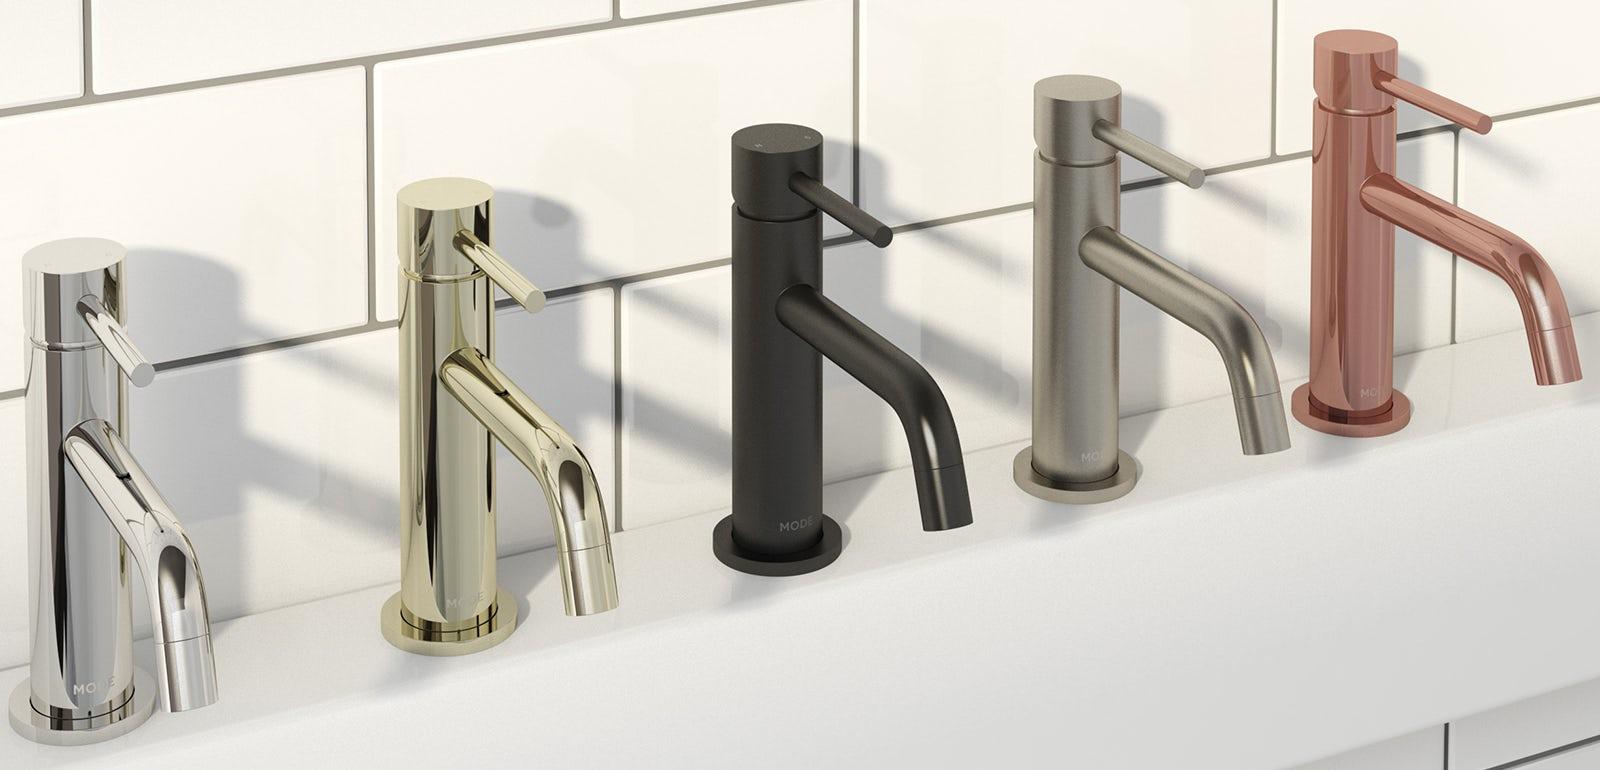 5 big ideas for bathroom designs in 2018 | VictoriaPlum.com